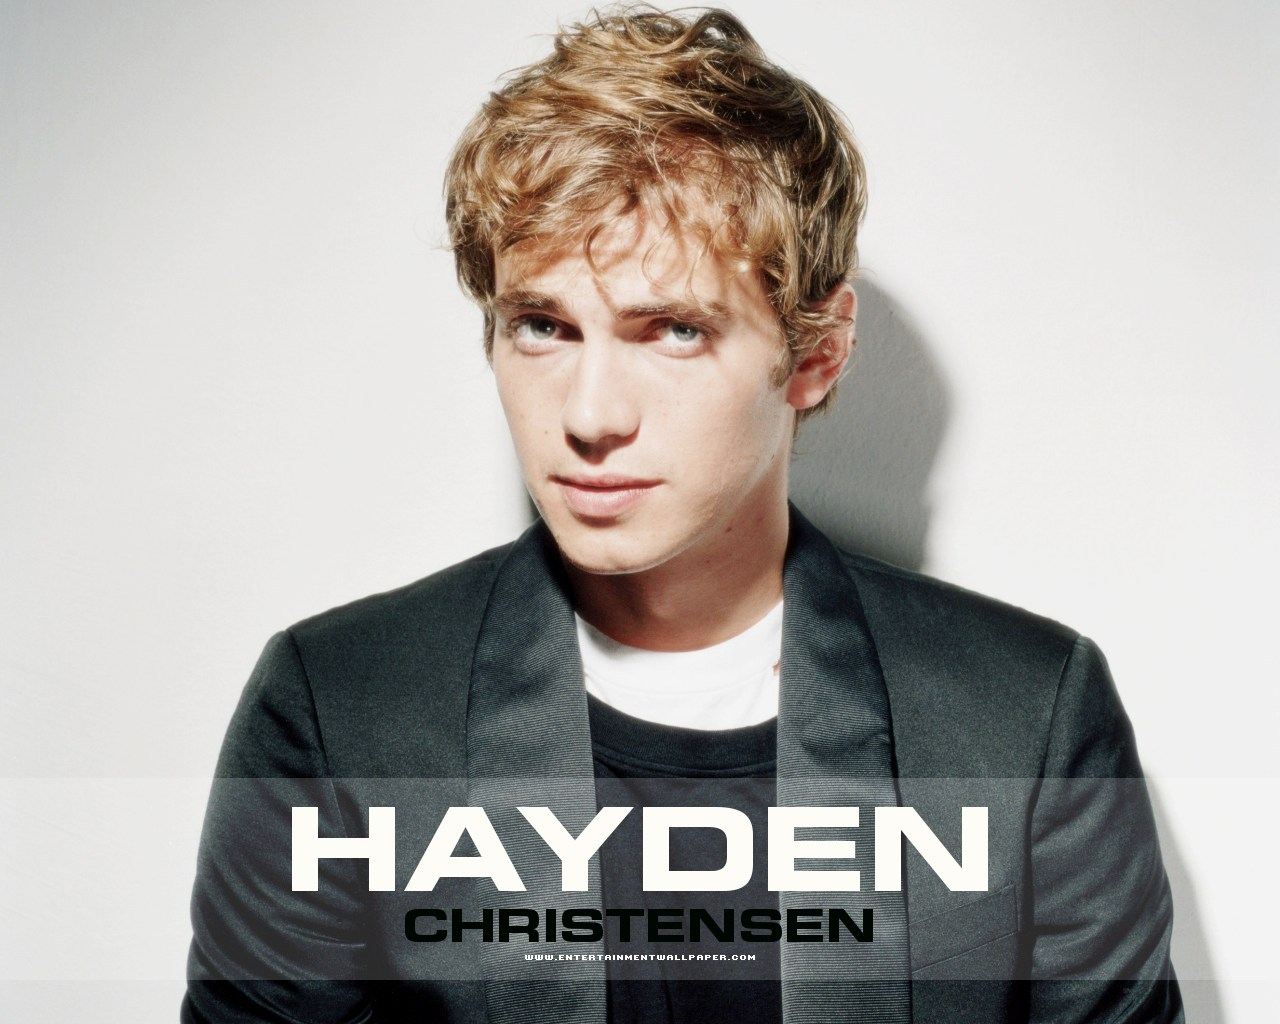 Hayden Christensen Wallpaper - Original size, download now.